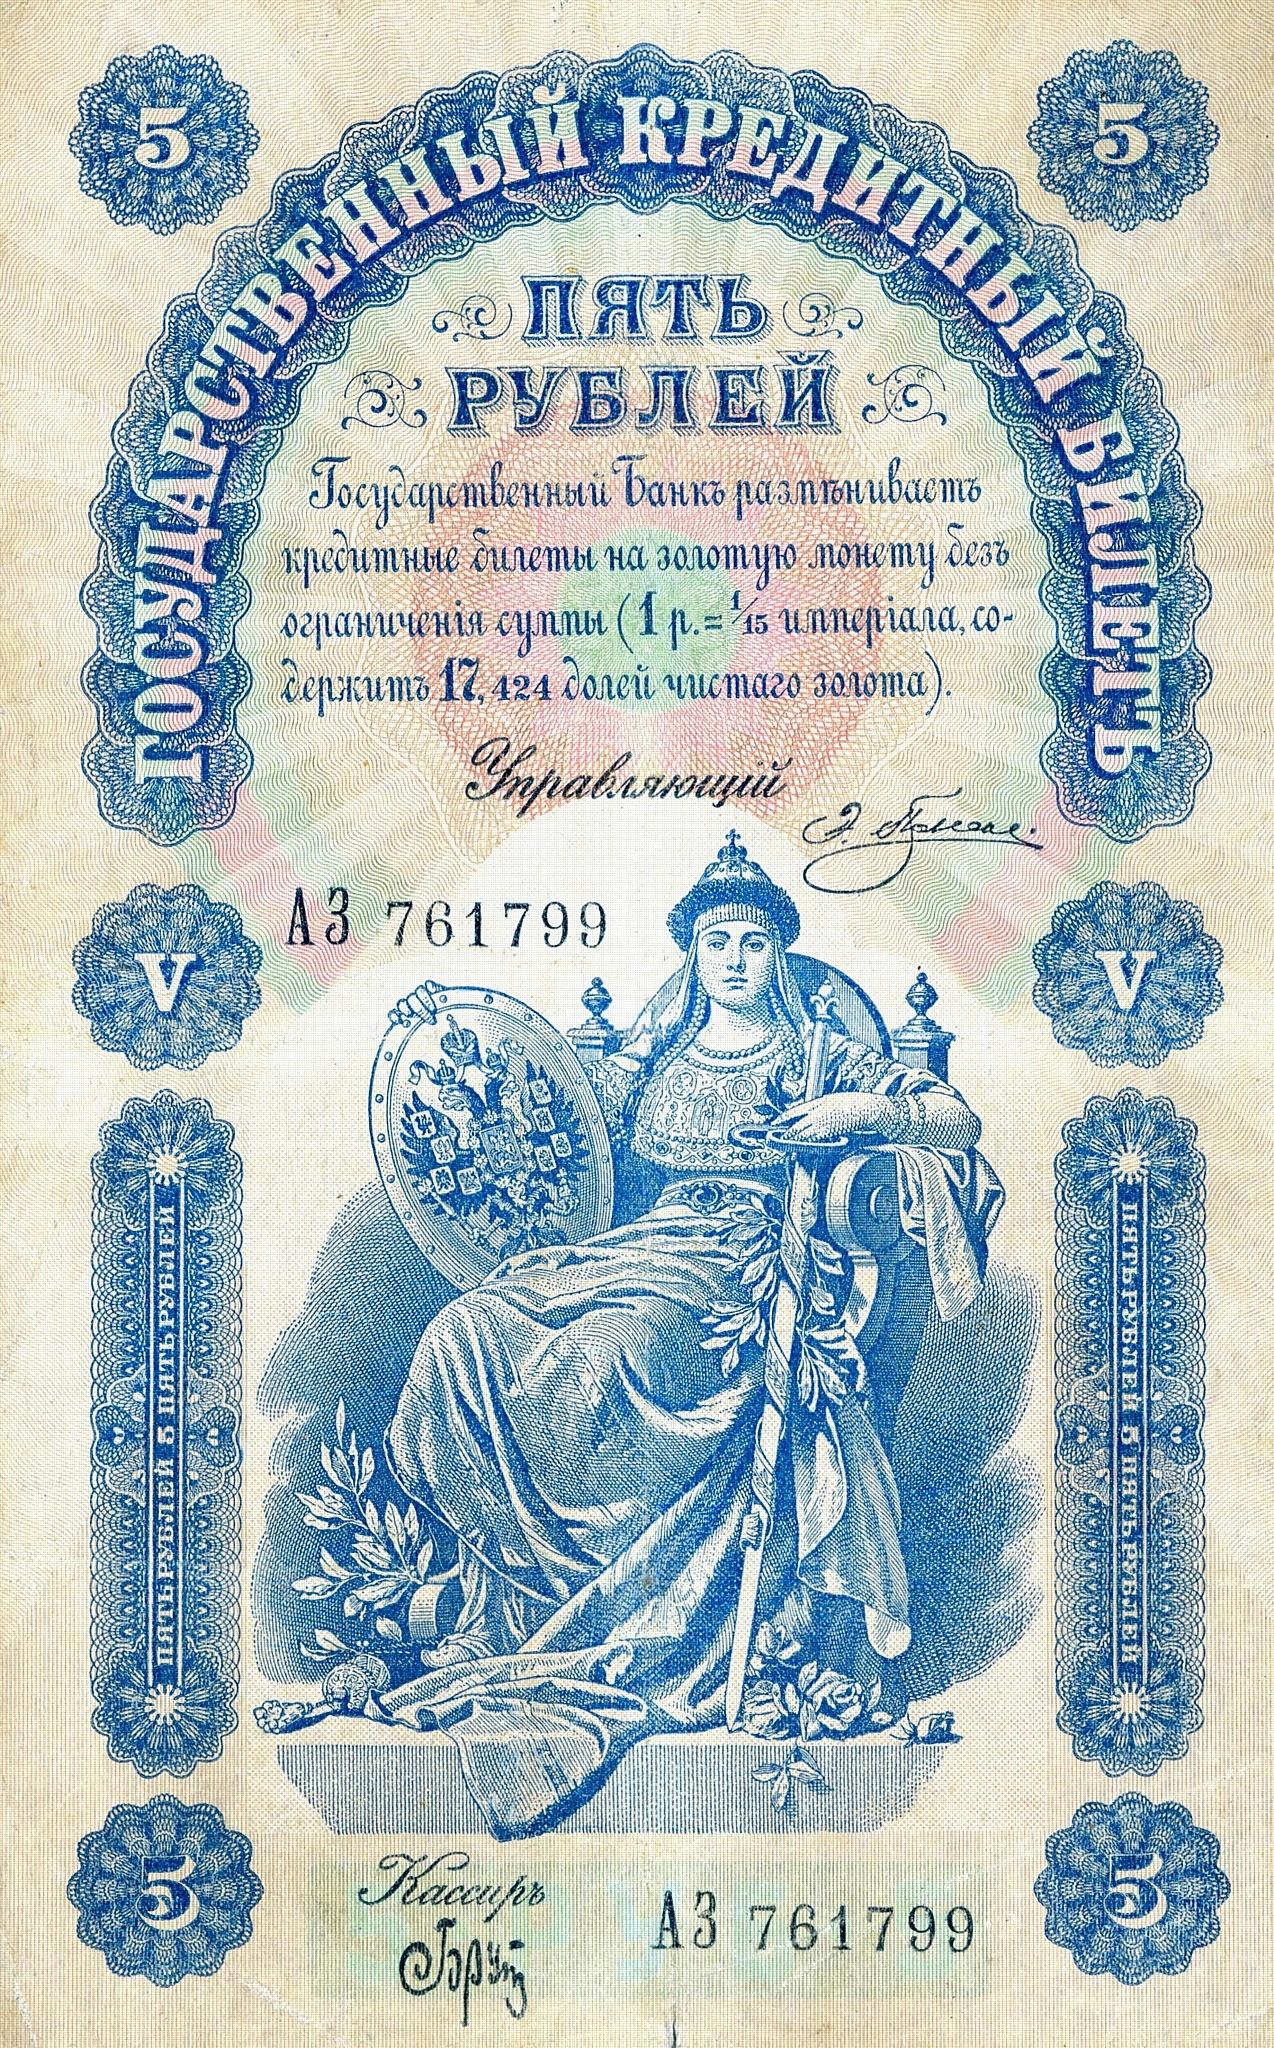 История. Счастливый рубль кассира Брута